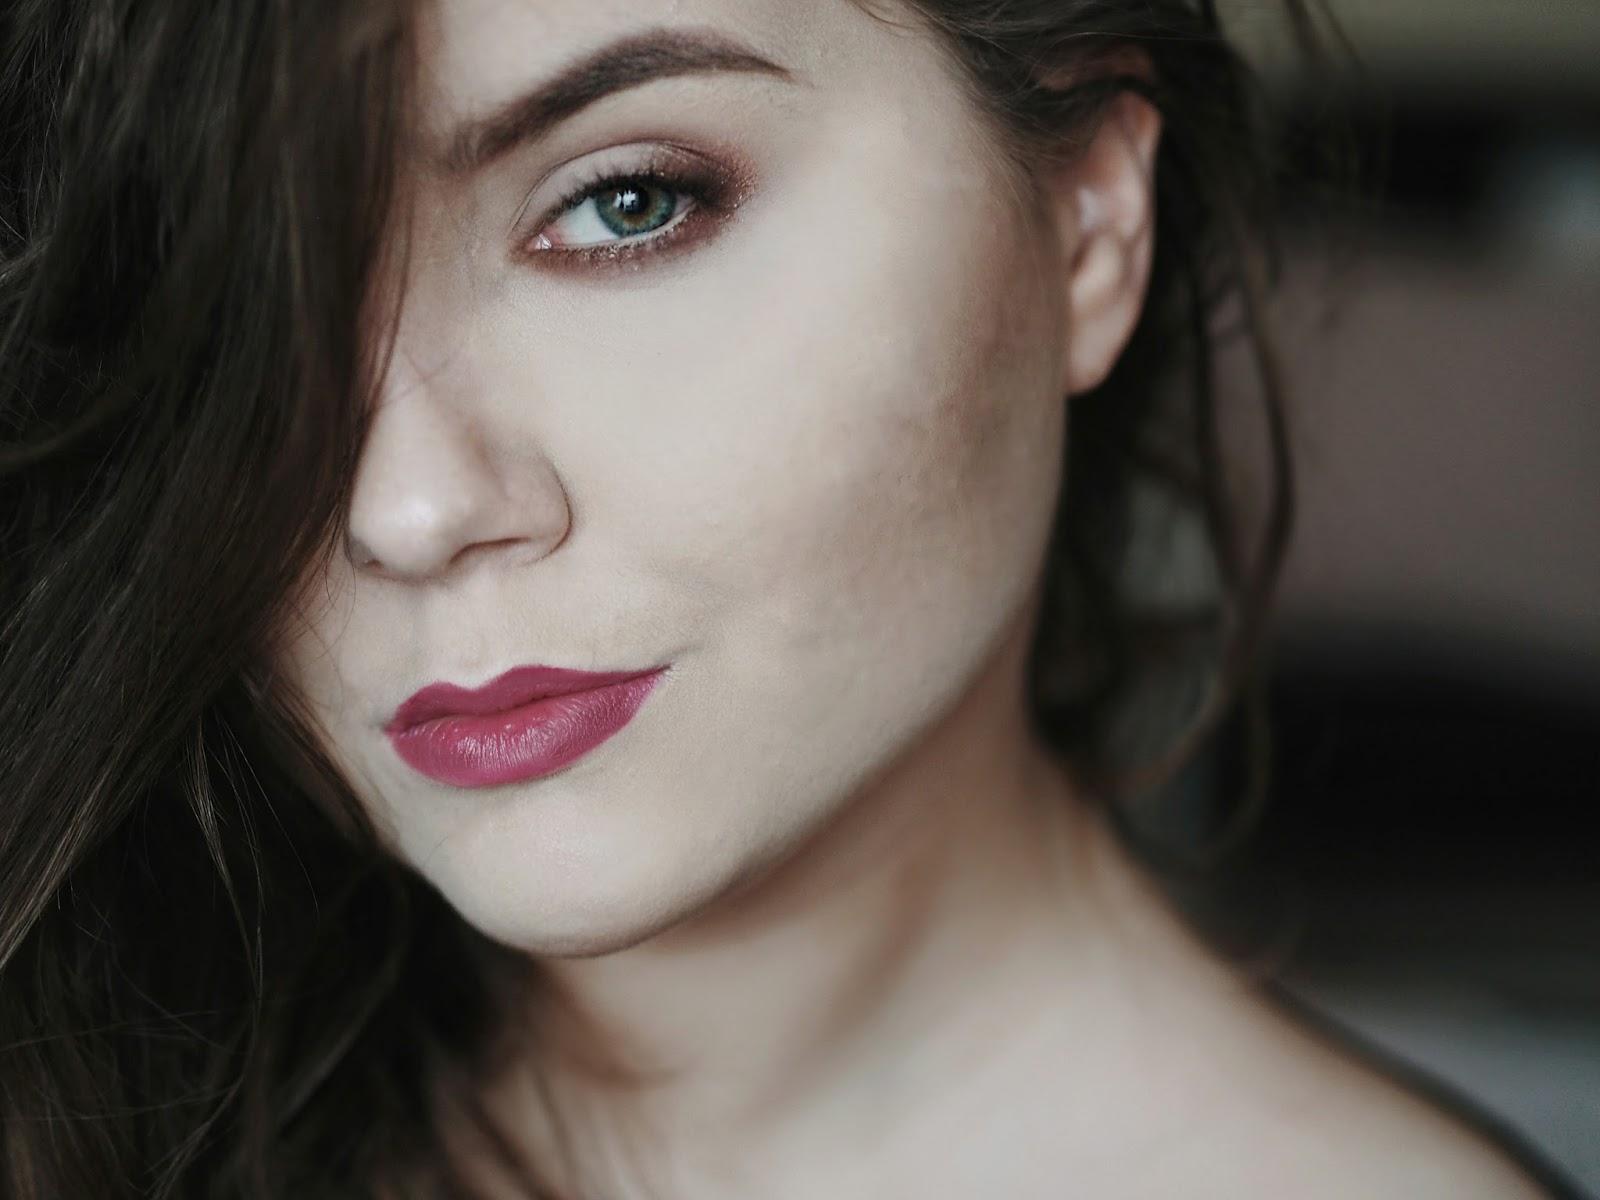 Makijaż Kosmetyki Opinie Recenzje Testy Marki Ekskluzwyne LookFantastic